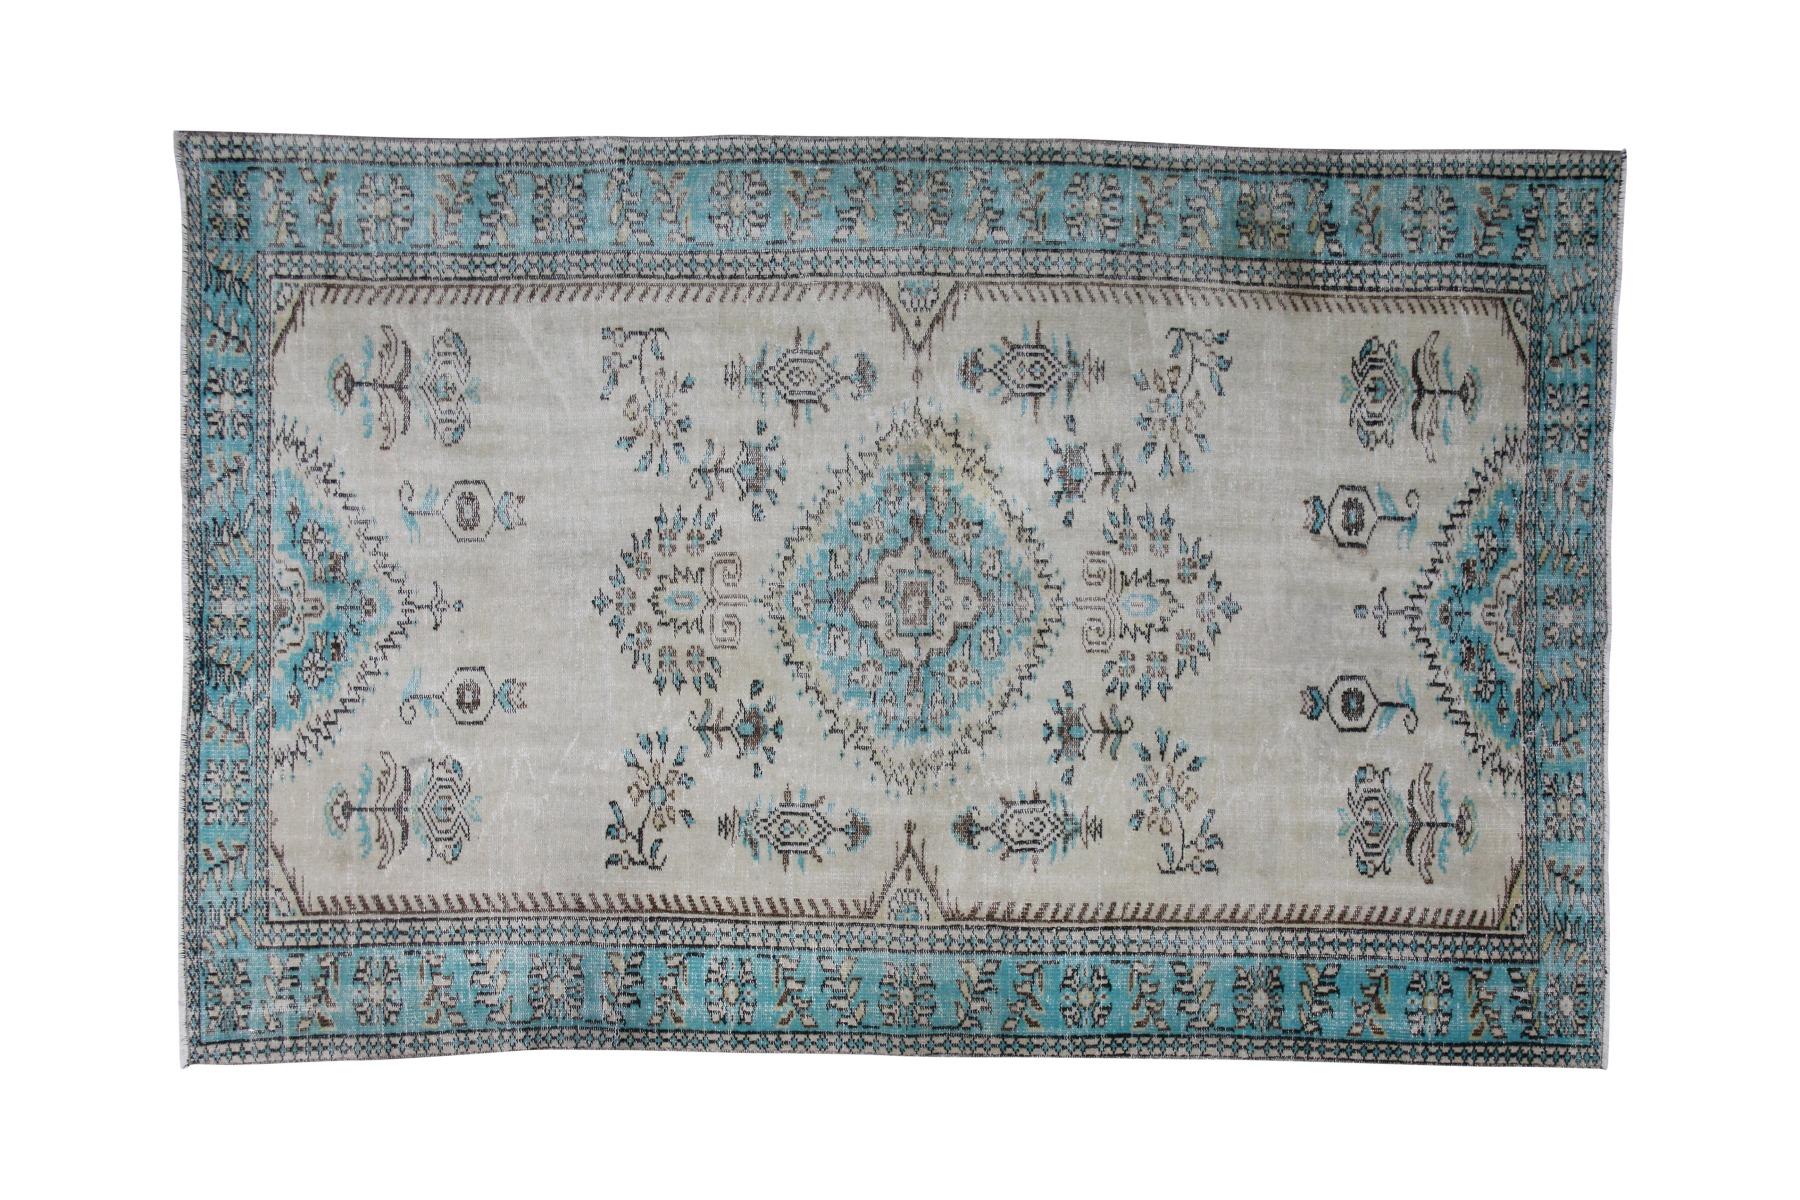 Vintage vloerkleed beige met blauw, 282cm x 187cm, nr 18705